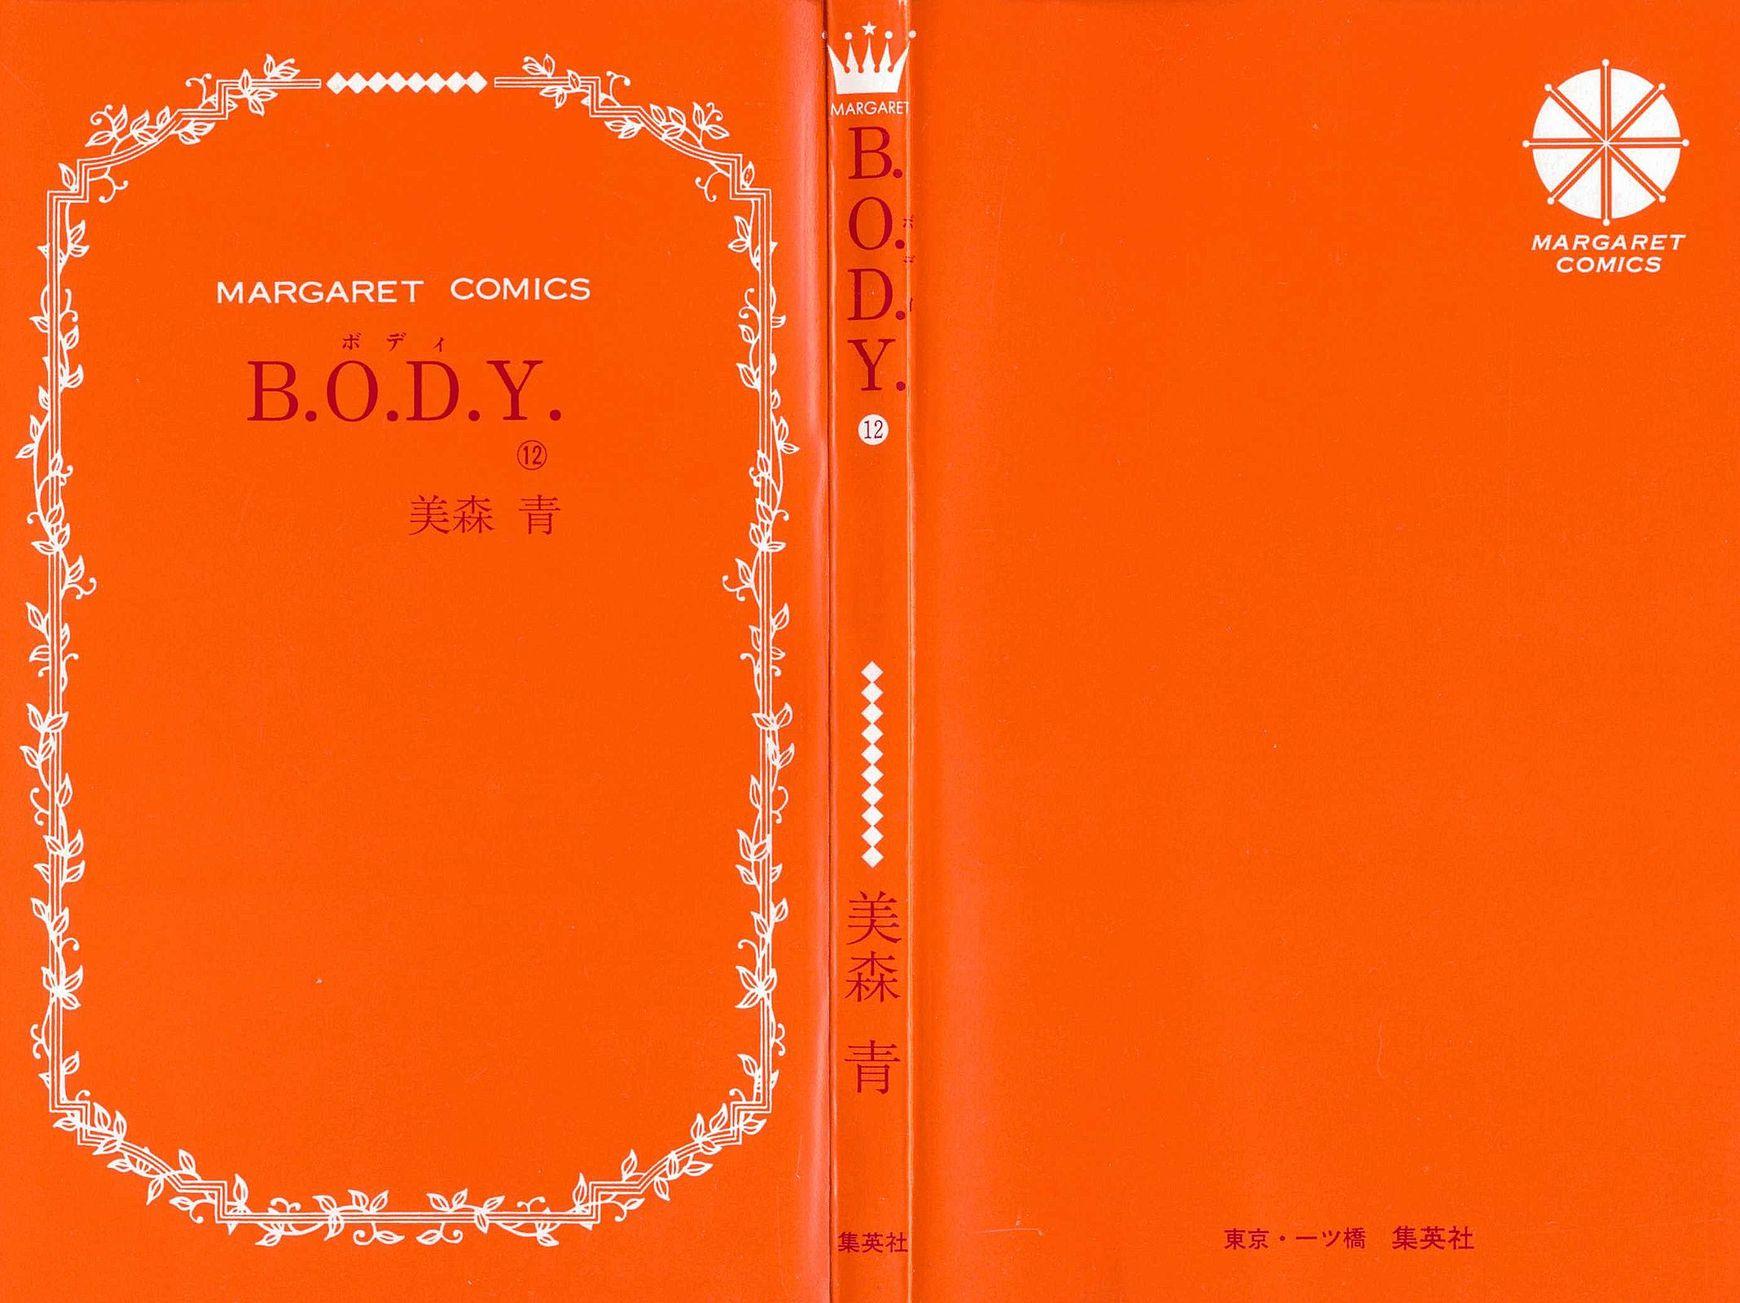 B.O.D.Y. 44 Page 2